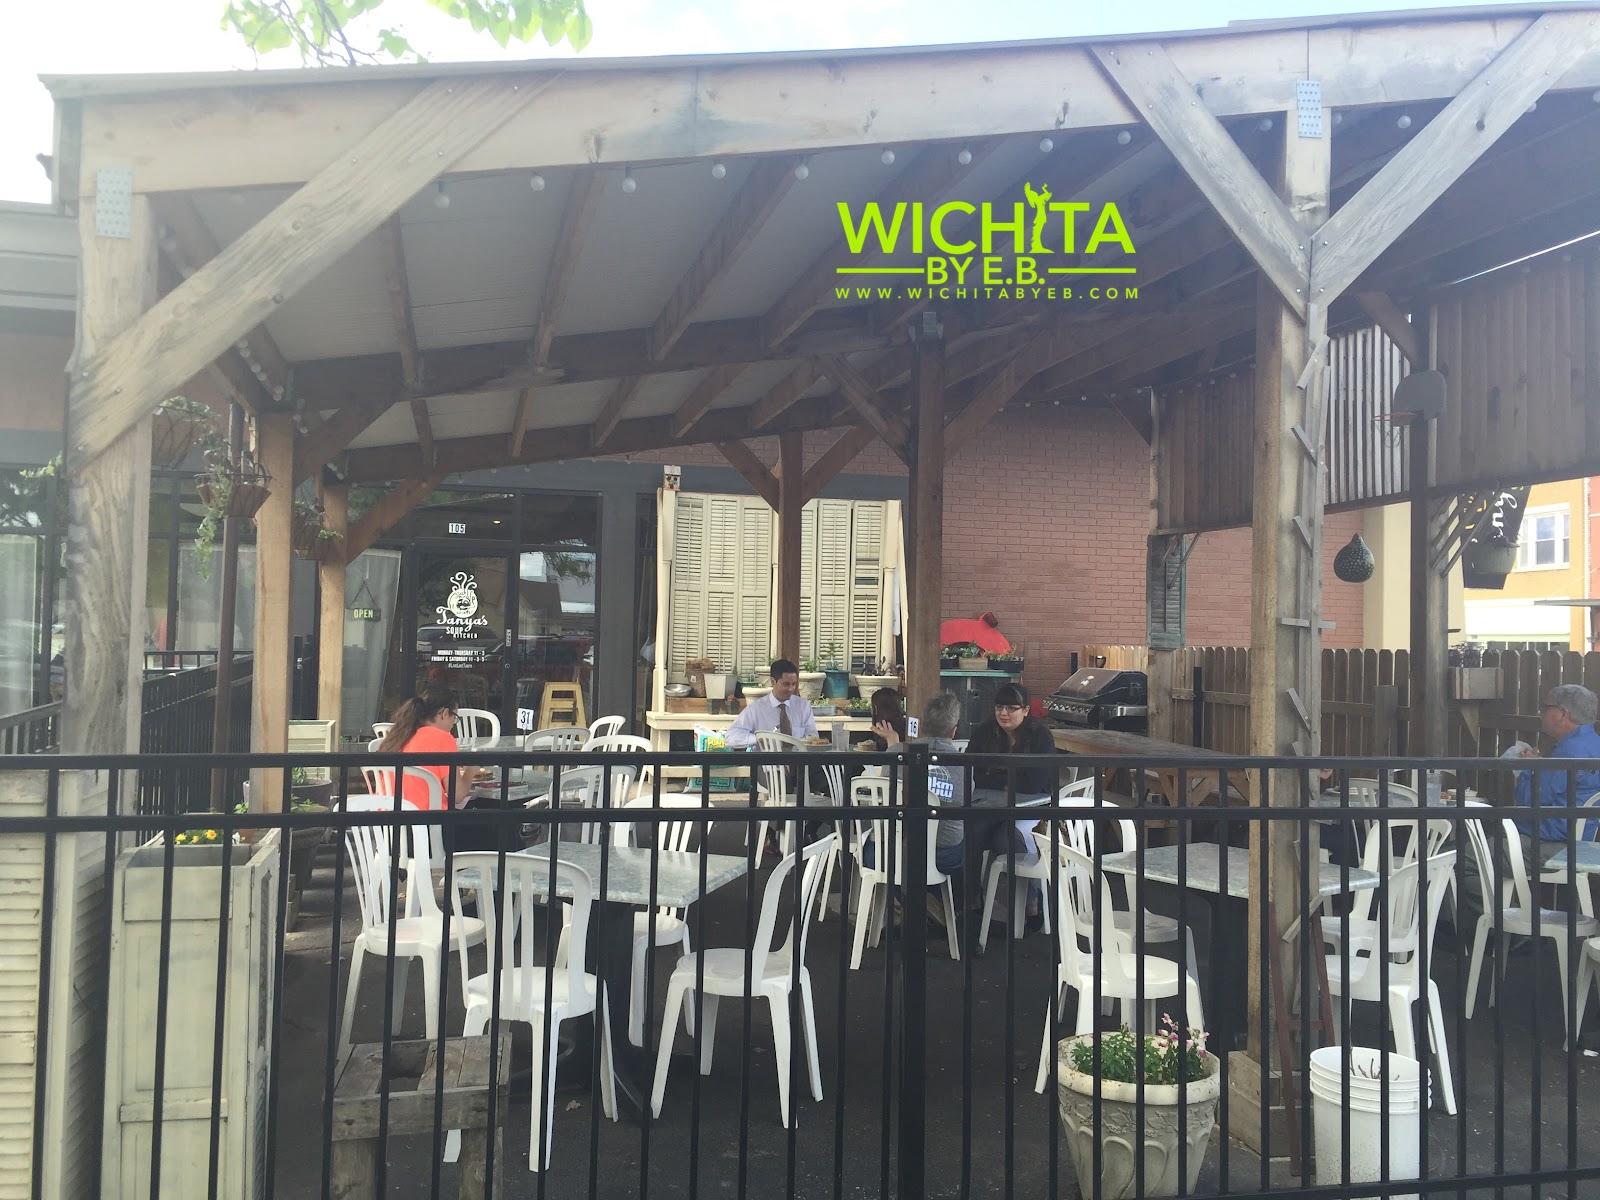 Tanya S Soup Kitchen Review 2 Wichita By E B